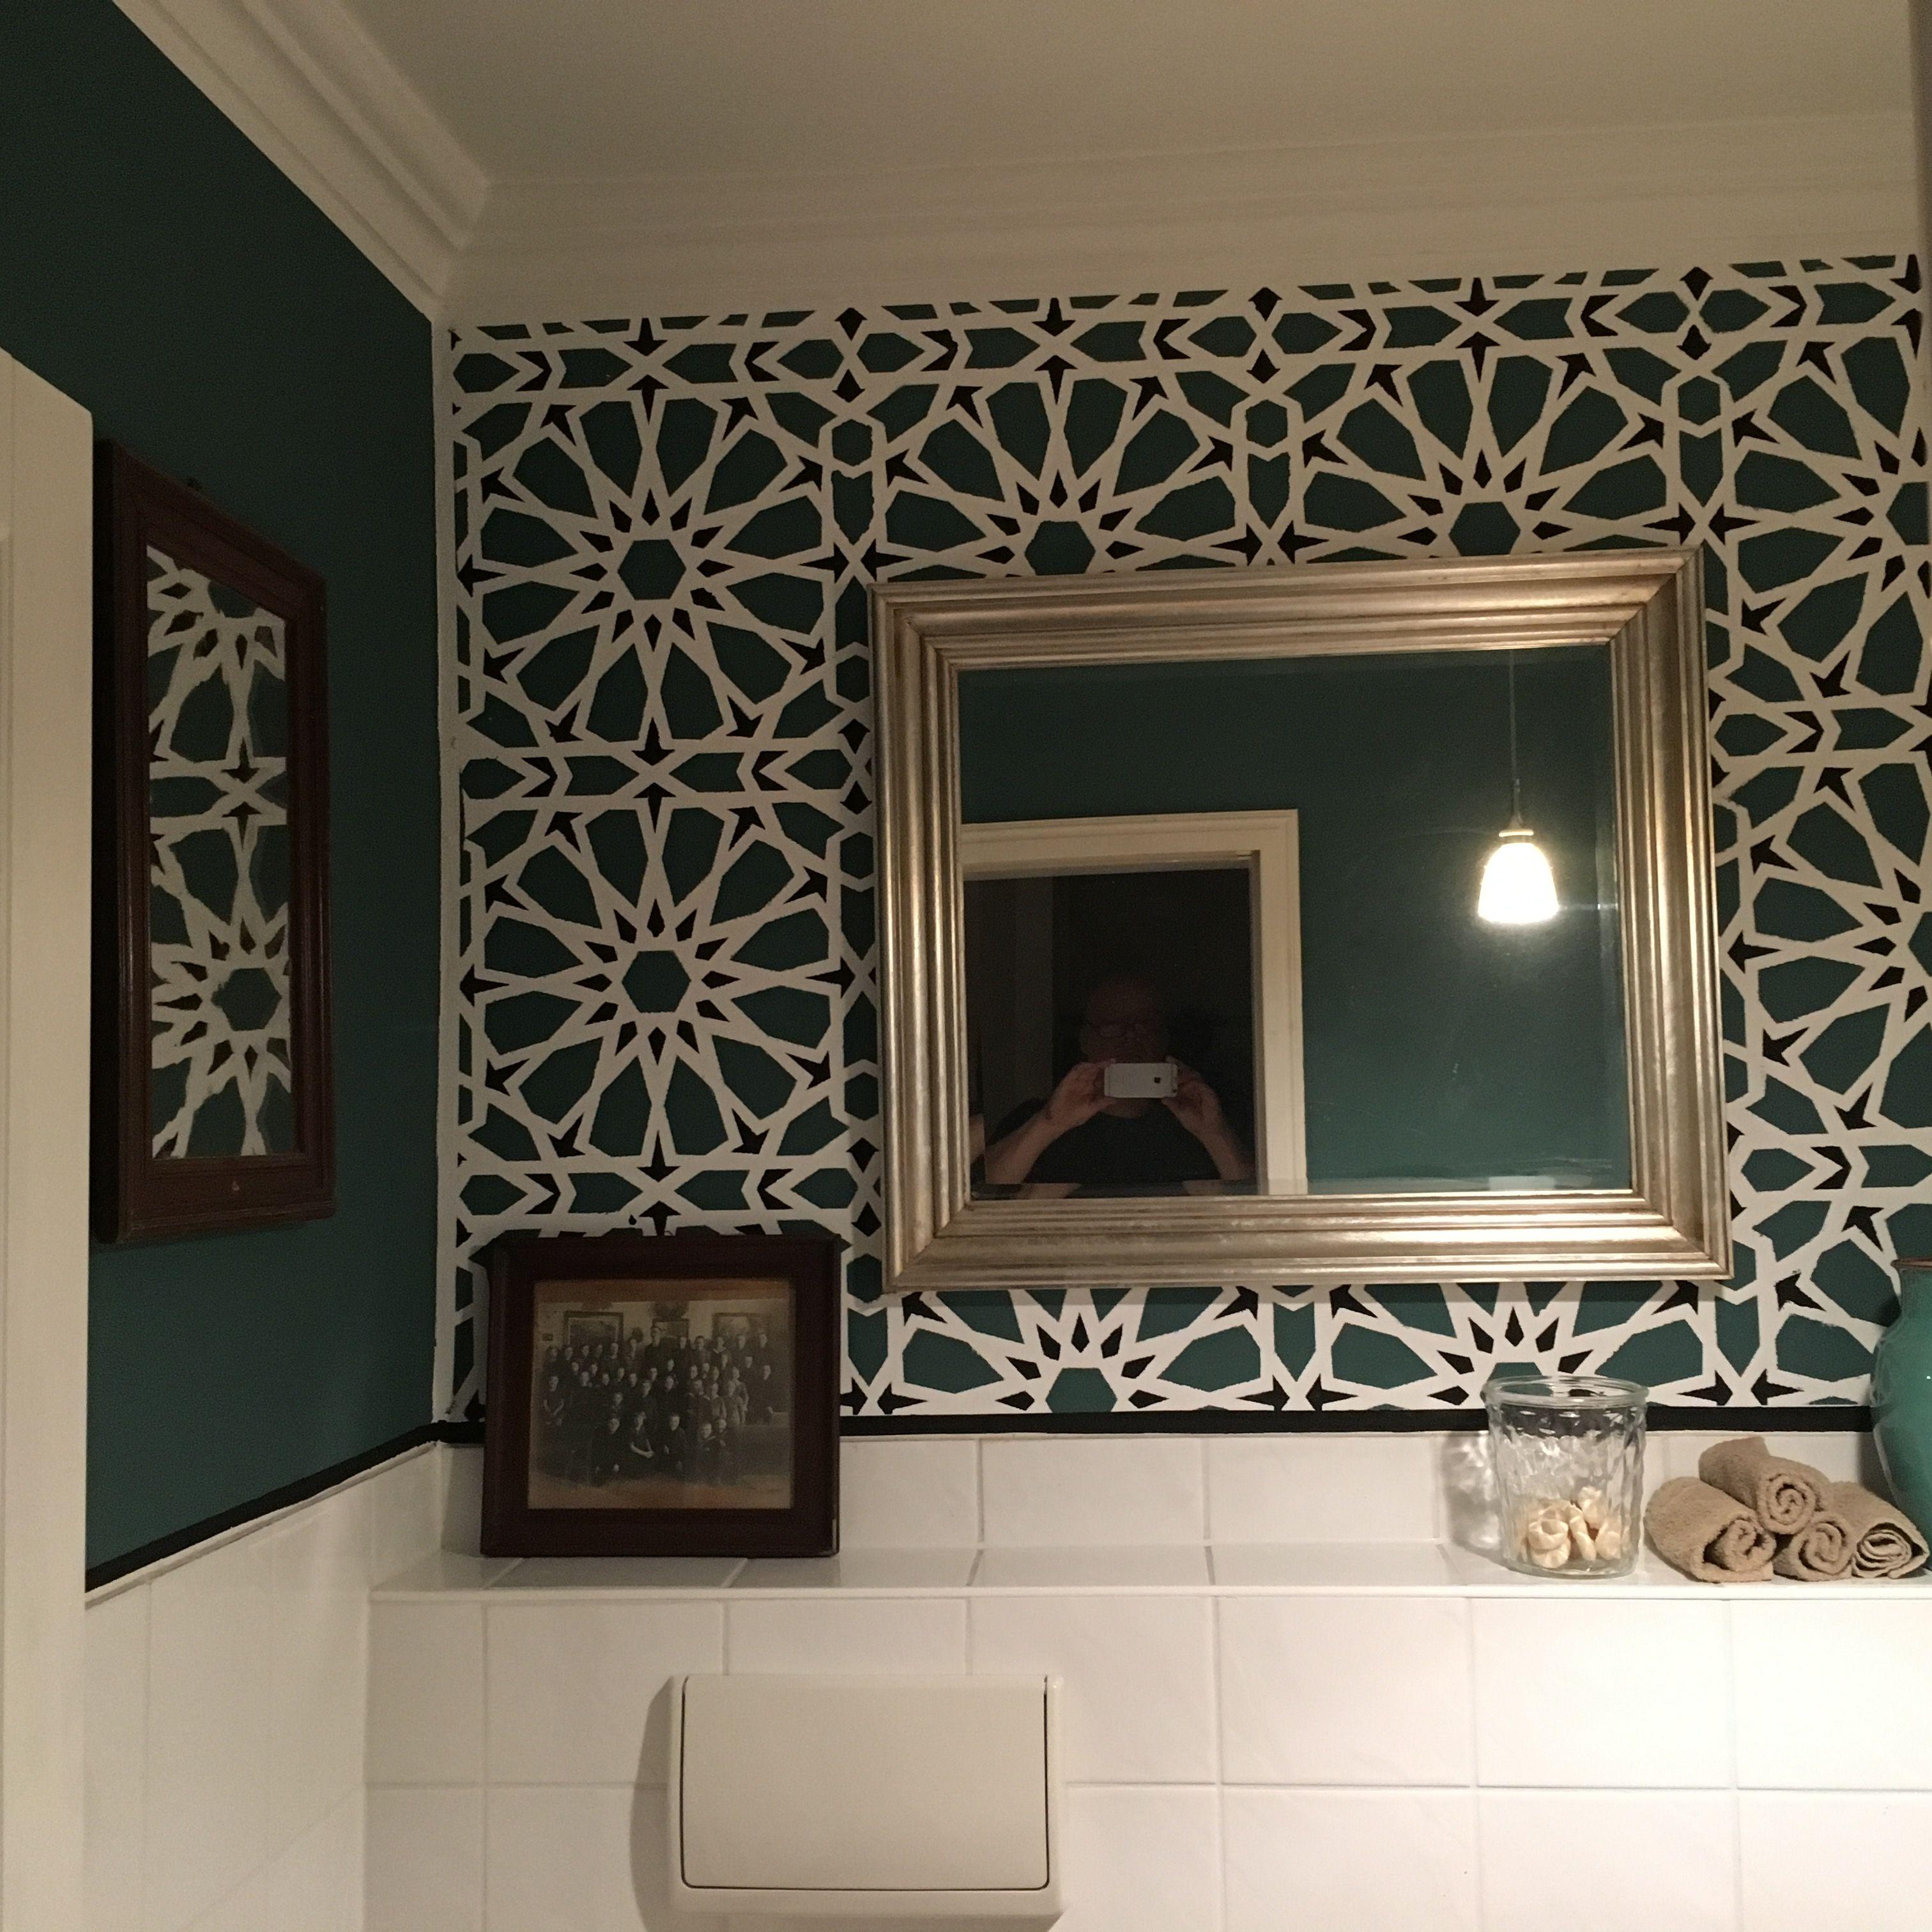 Wandschablone in einem kleinen Gäste-Wc